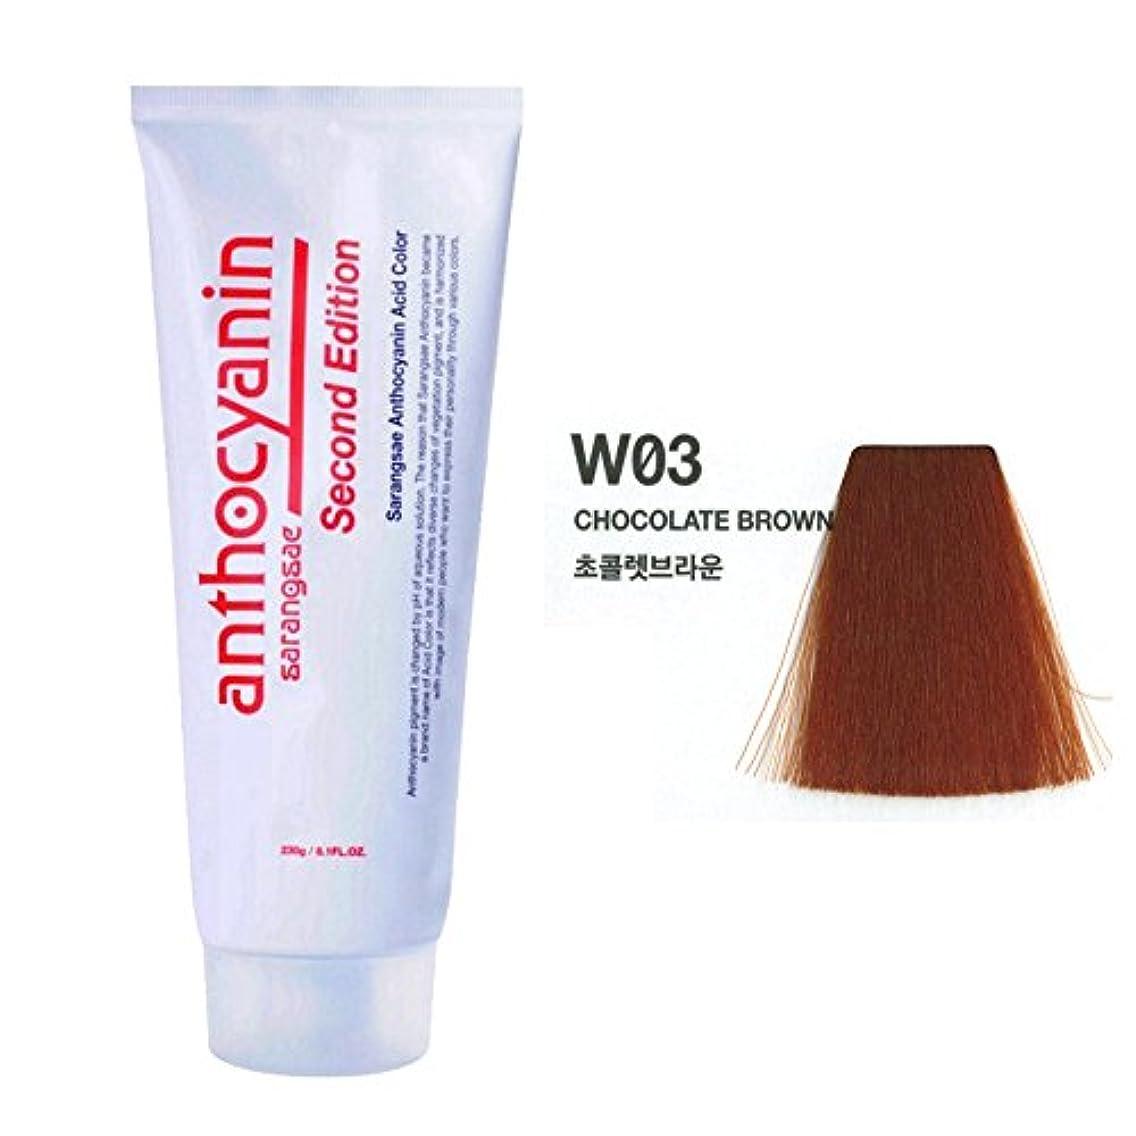 逃げるリーダーシップ懇願するヘア マニキュア カラー セカンド エディション 230g セミ パーマネント 染毛剤 ( Hair Manicure Color Second Edition 230g Semi Permanent Hair Dye) [並行輸入品] (W03 Chocolate Brown)